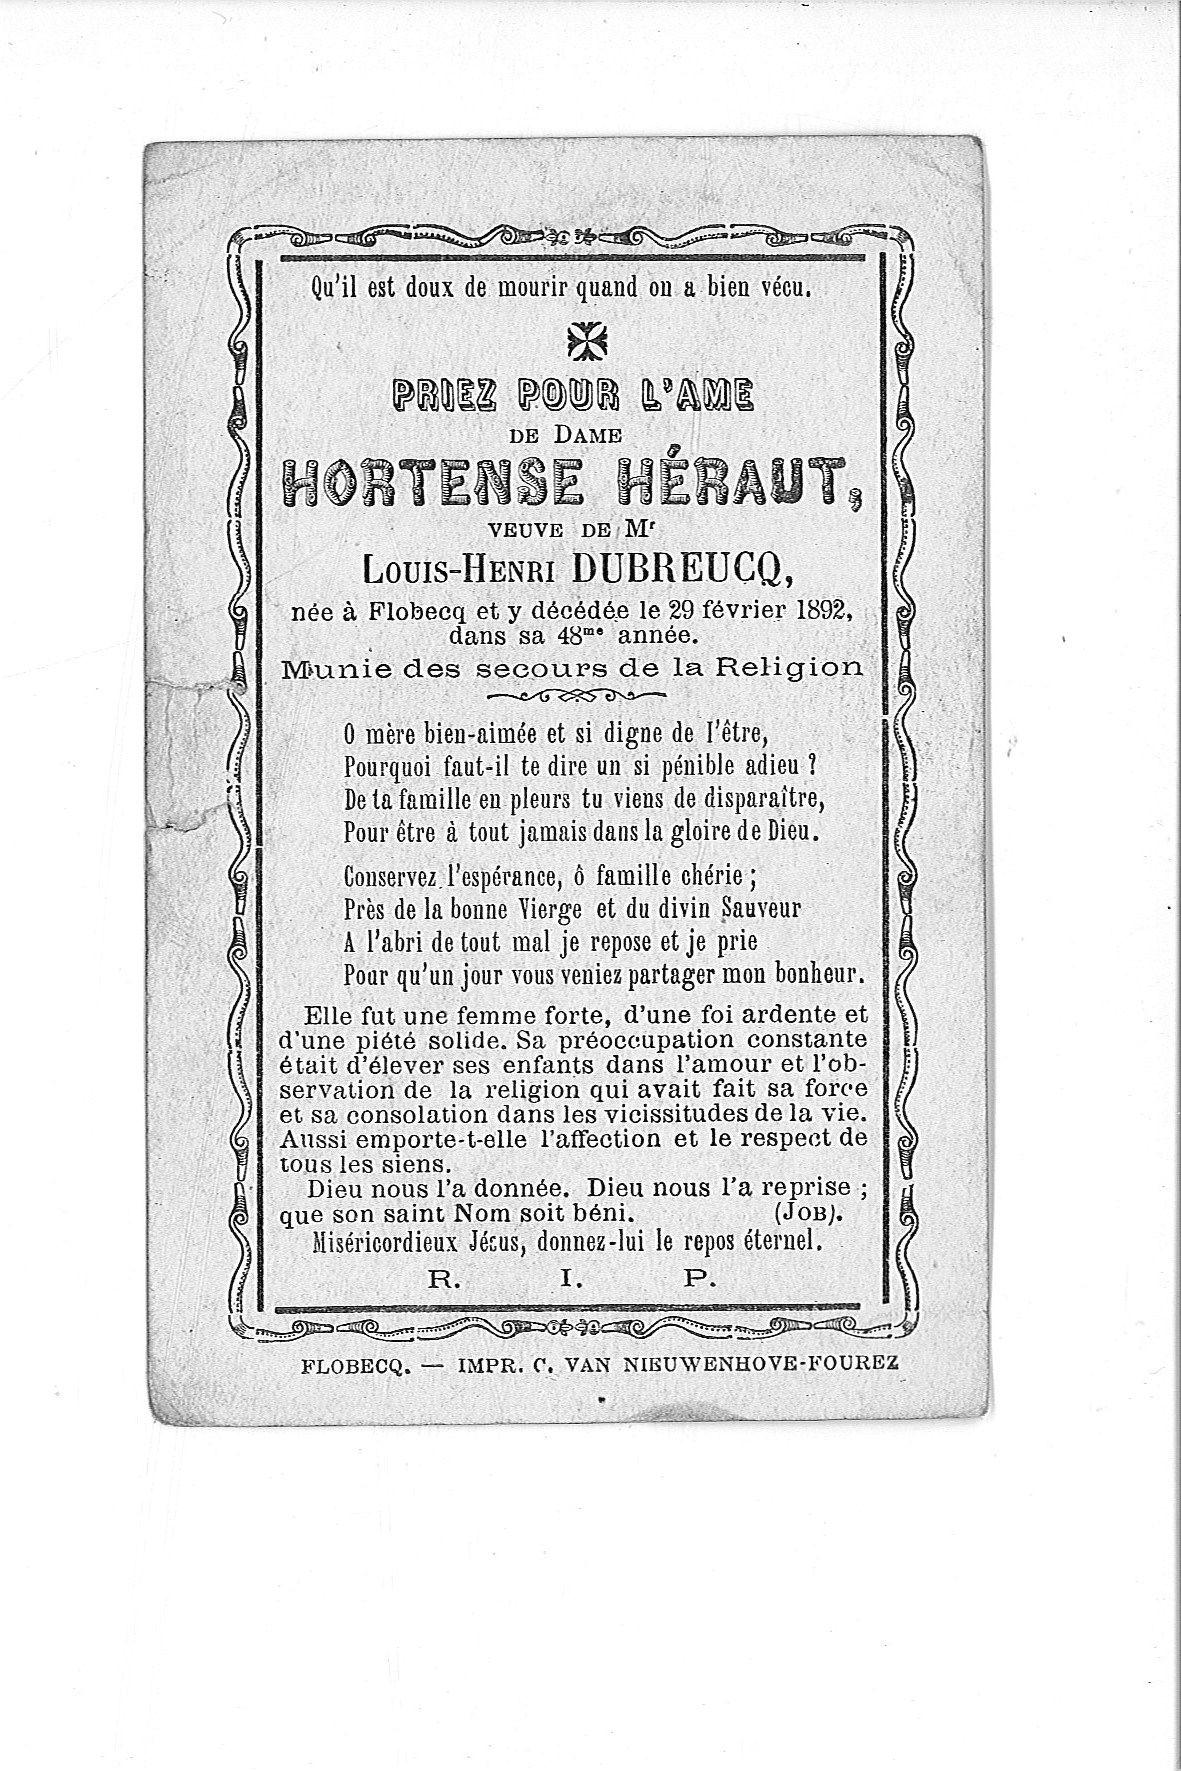 hortense(1892)20090427112512_00047.jpg